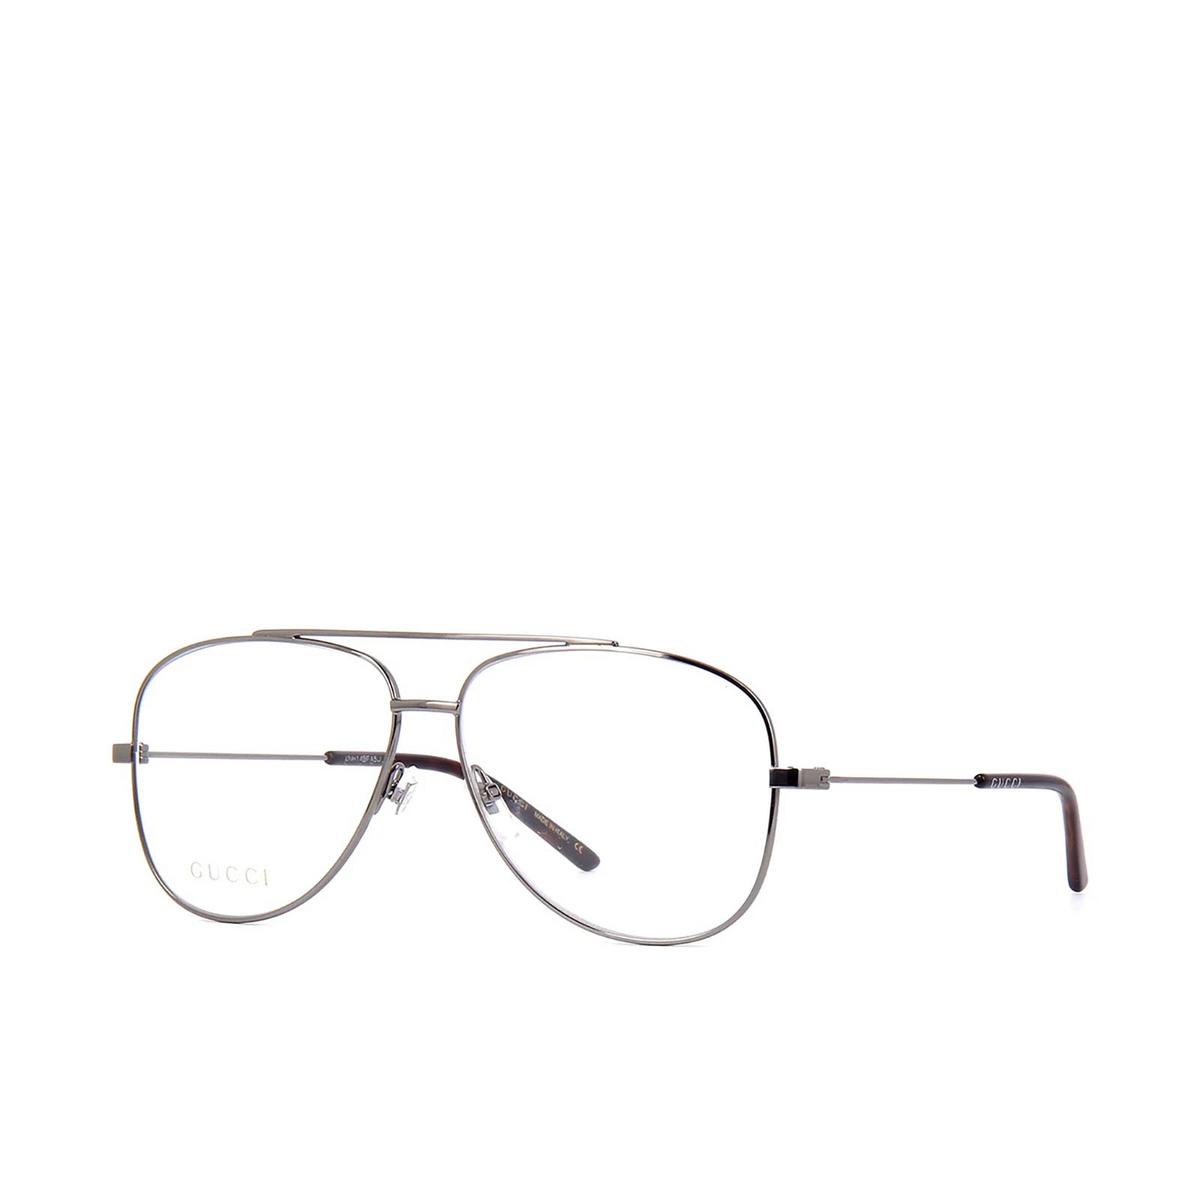 Gucci® Aviator Eyeglasses: GG0442O color Ruthenium 001 - three-quarters view.